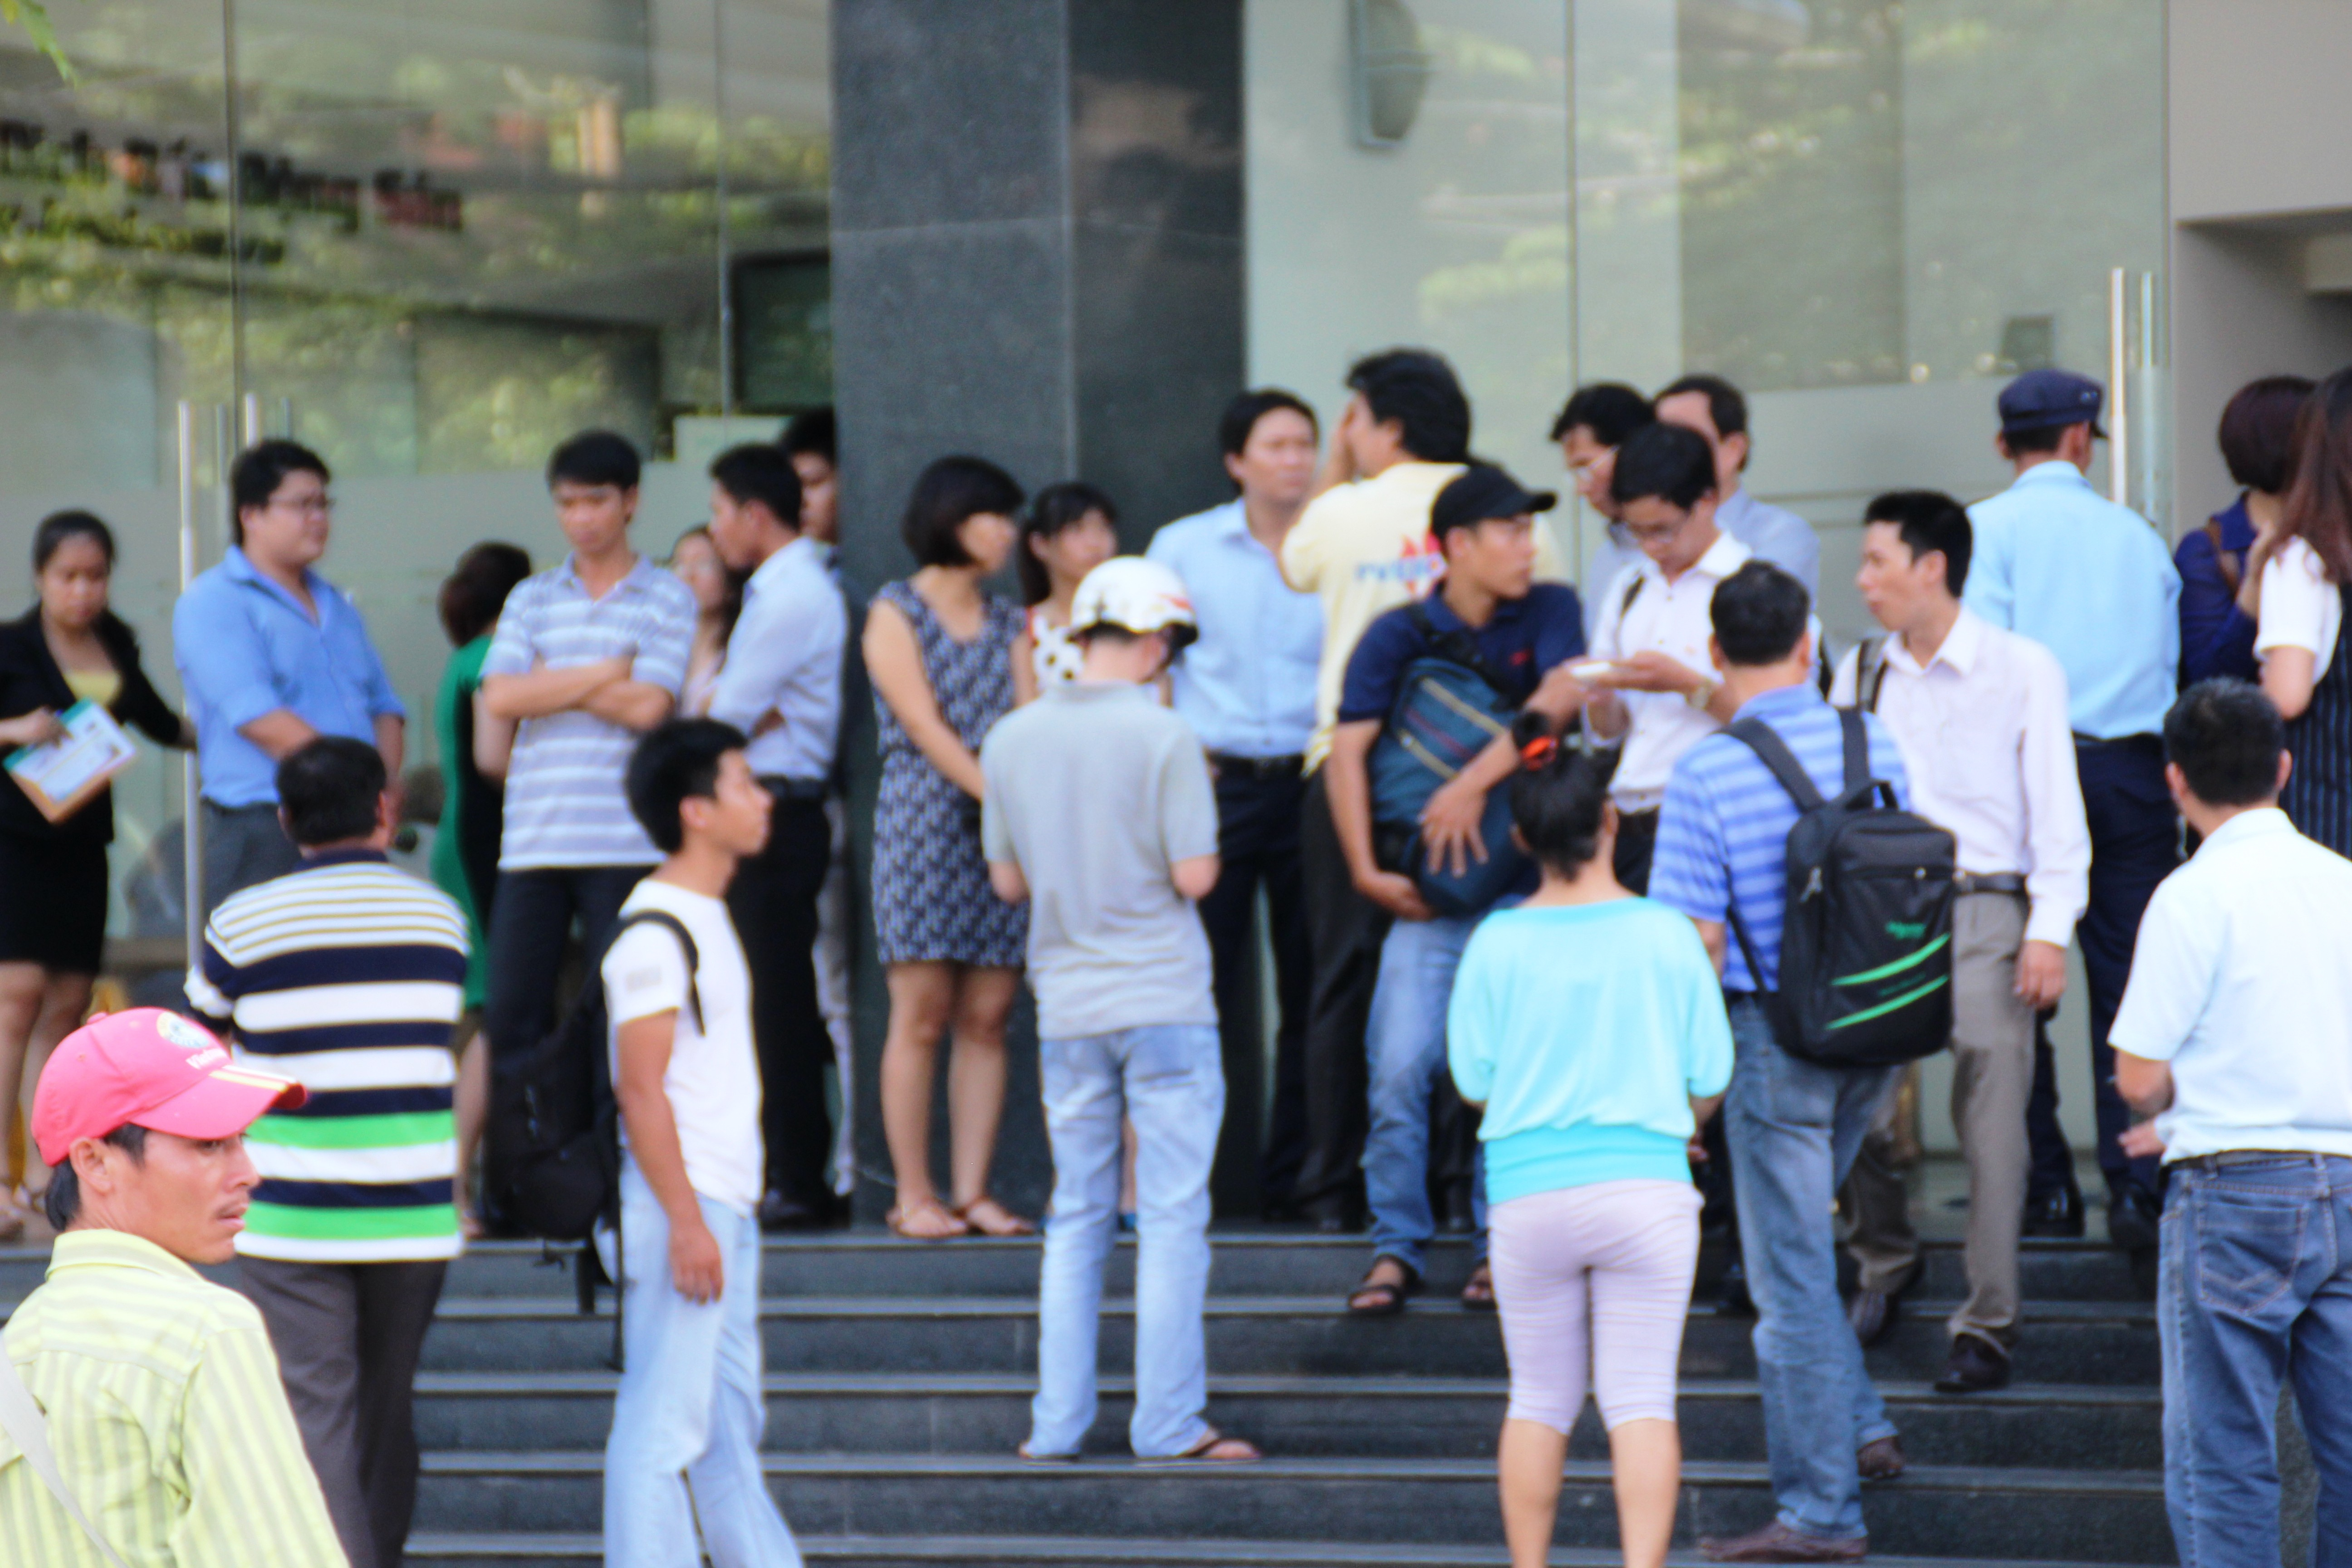 Rất đông người hiếu kỳ đứng xem vụ việc và phóng viên tác nghiệp tại hiện trường.